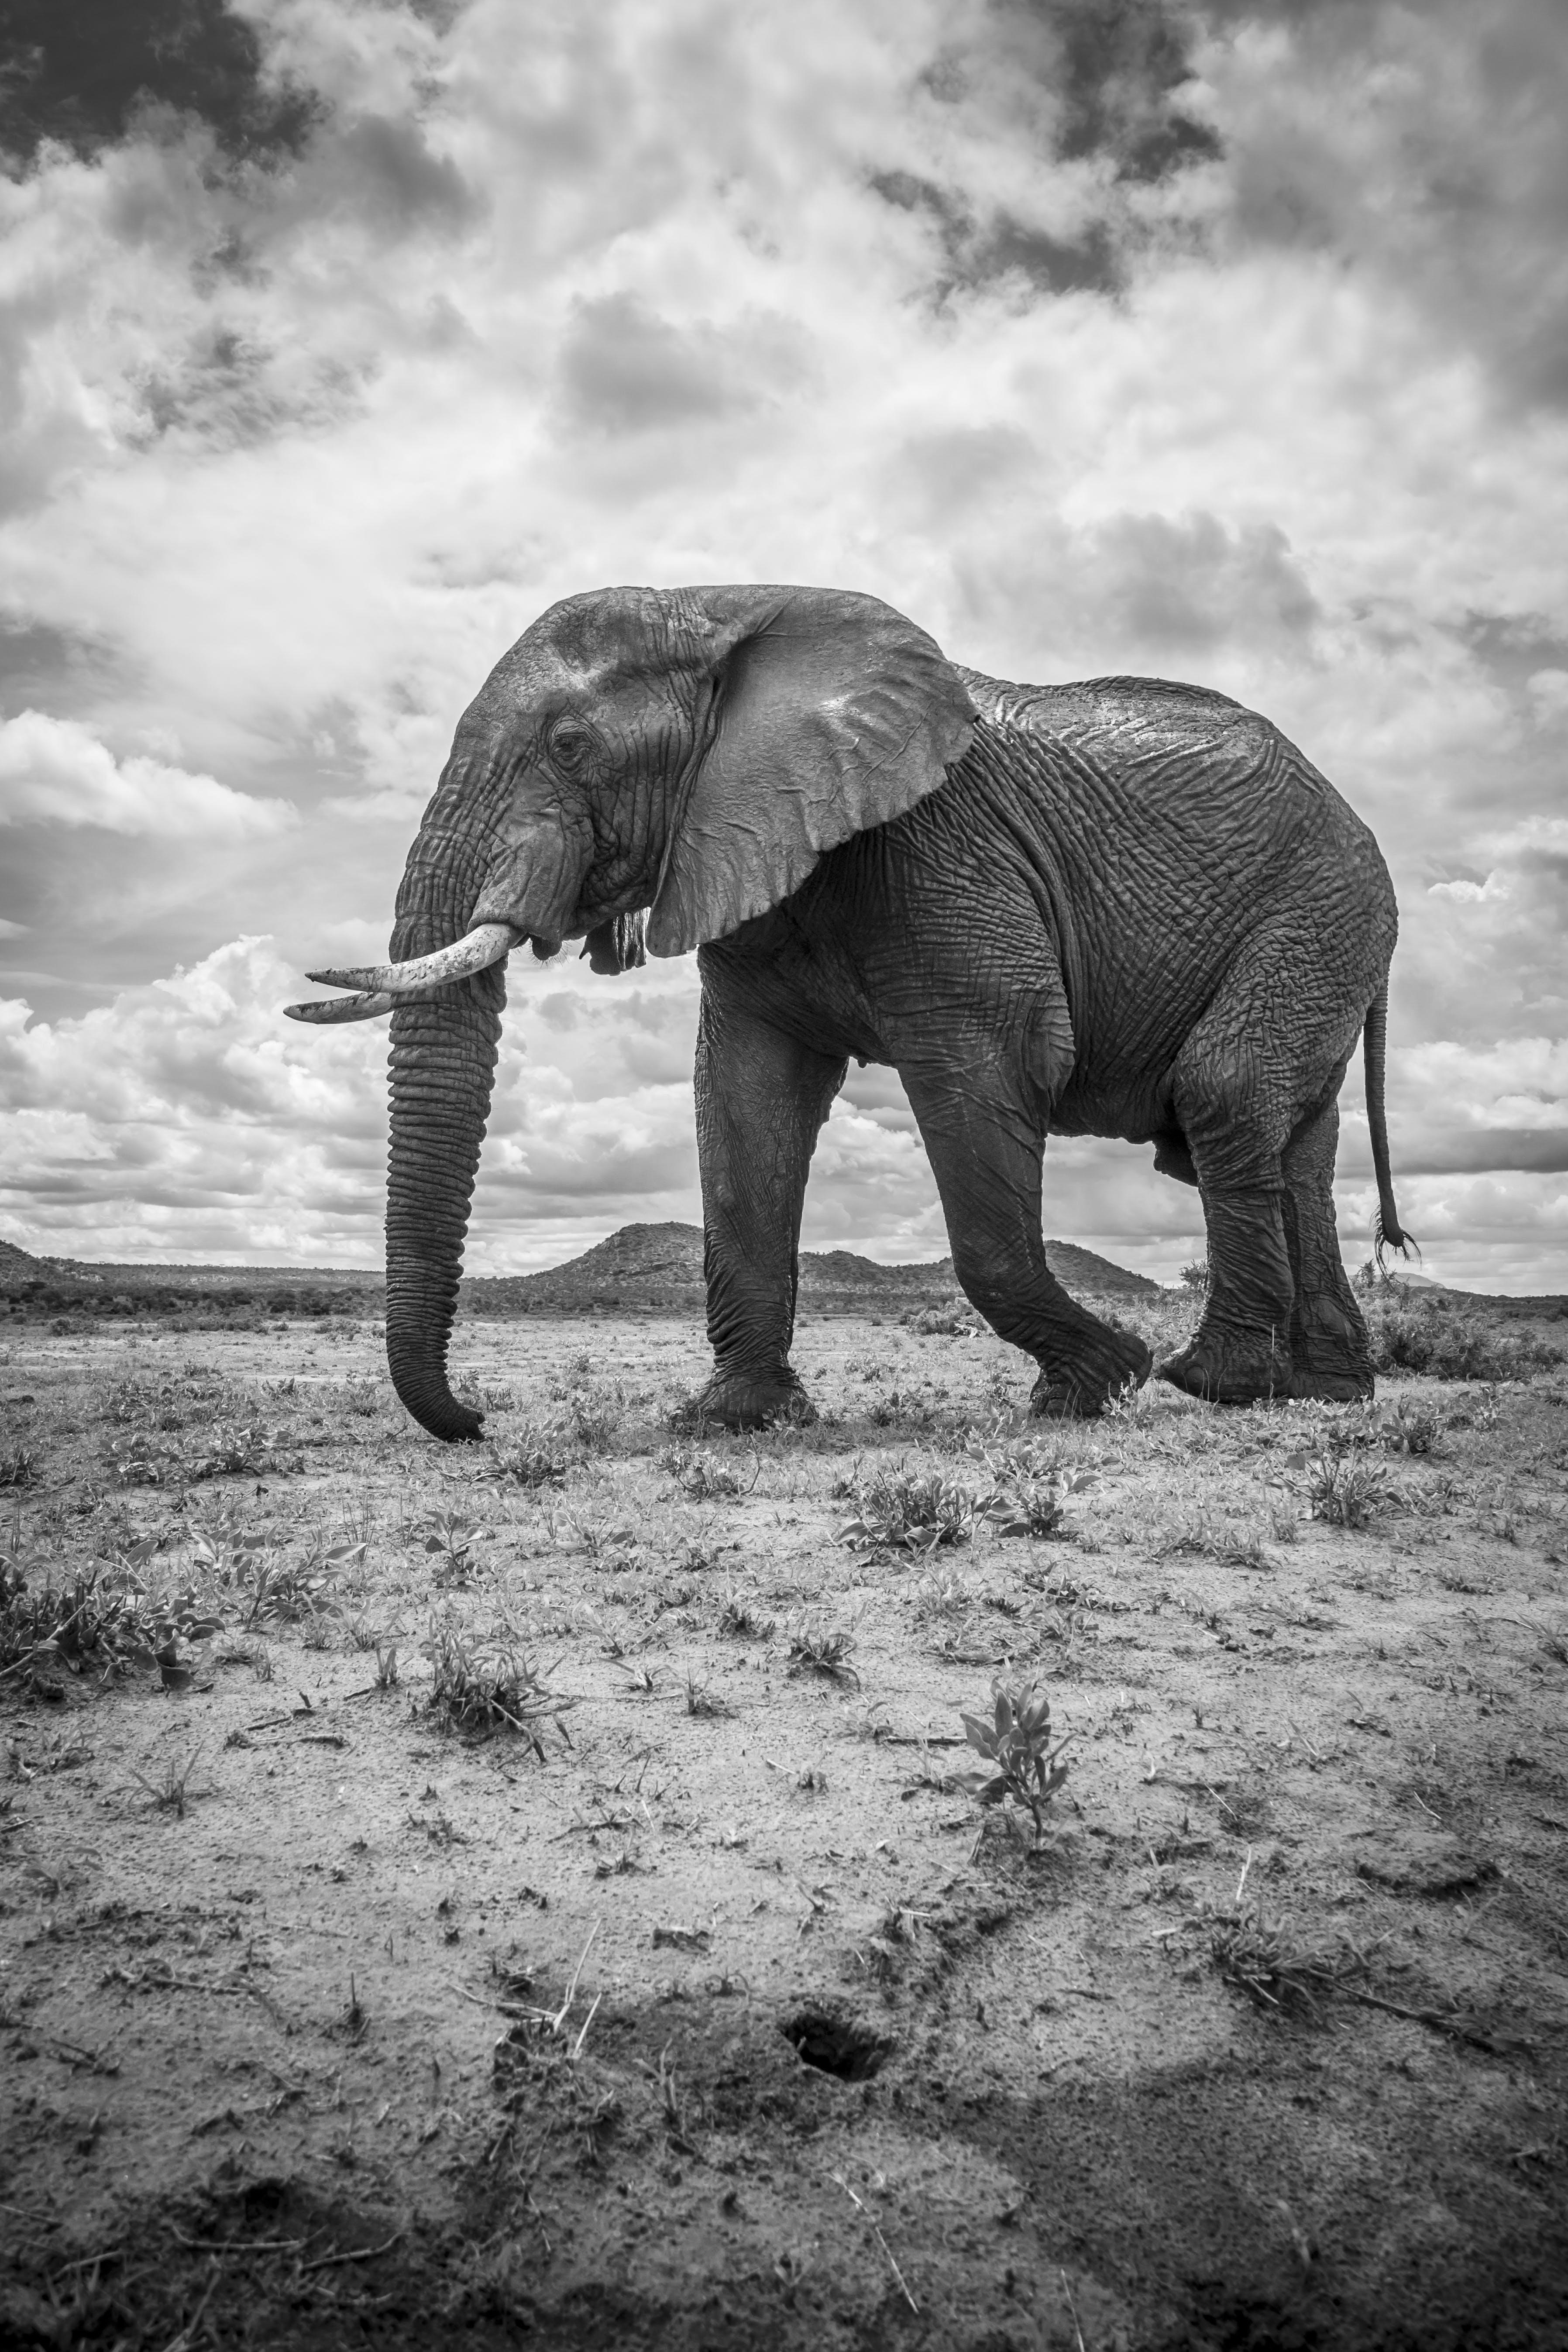 Monochrome Photography of Walking Elephant